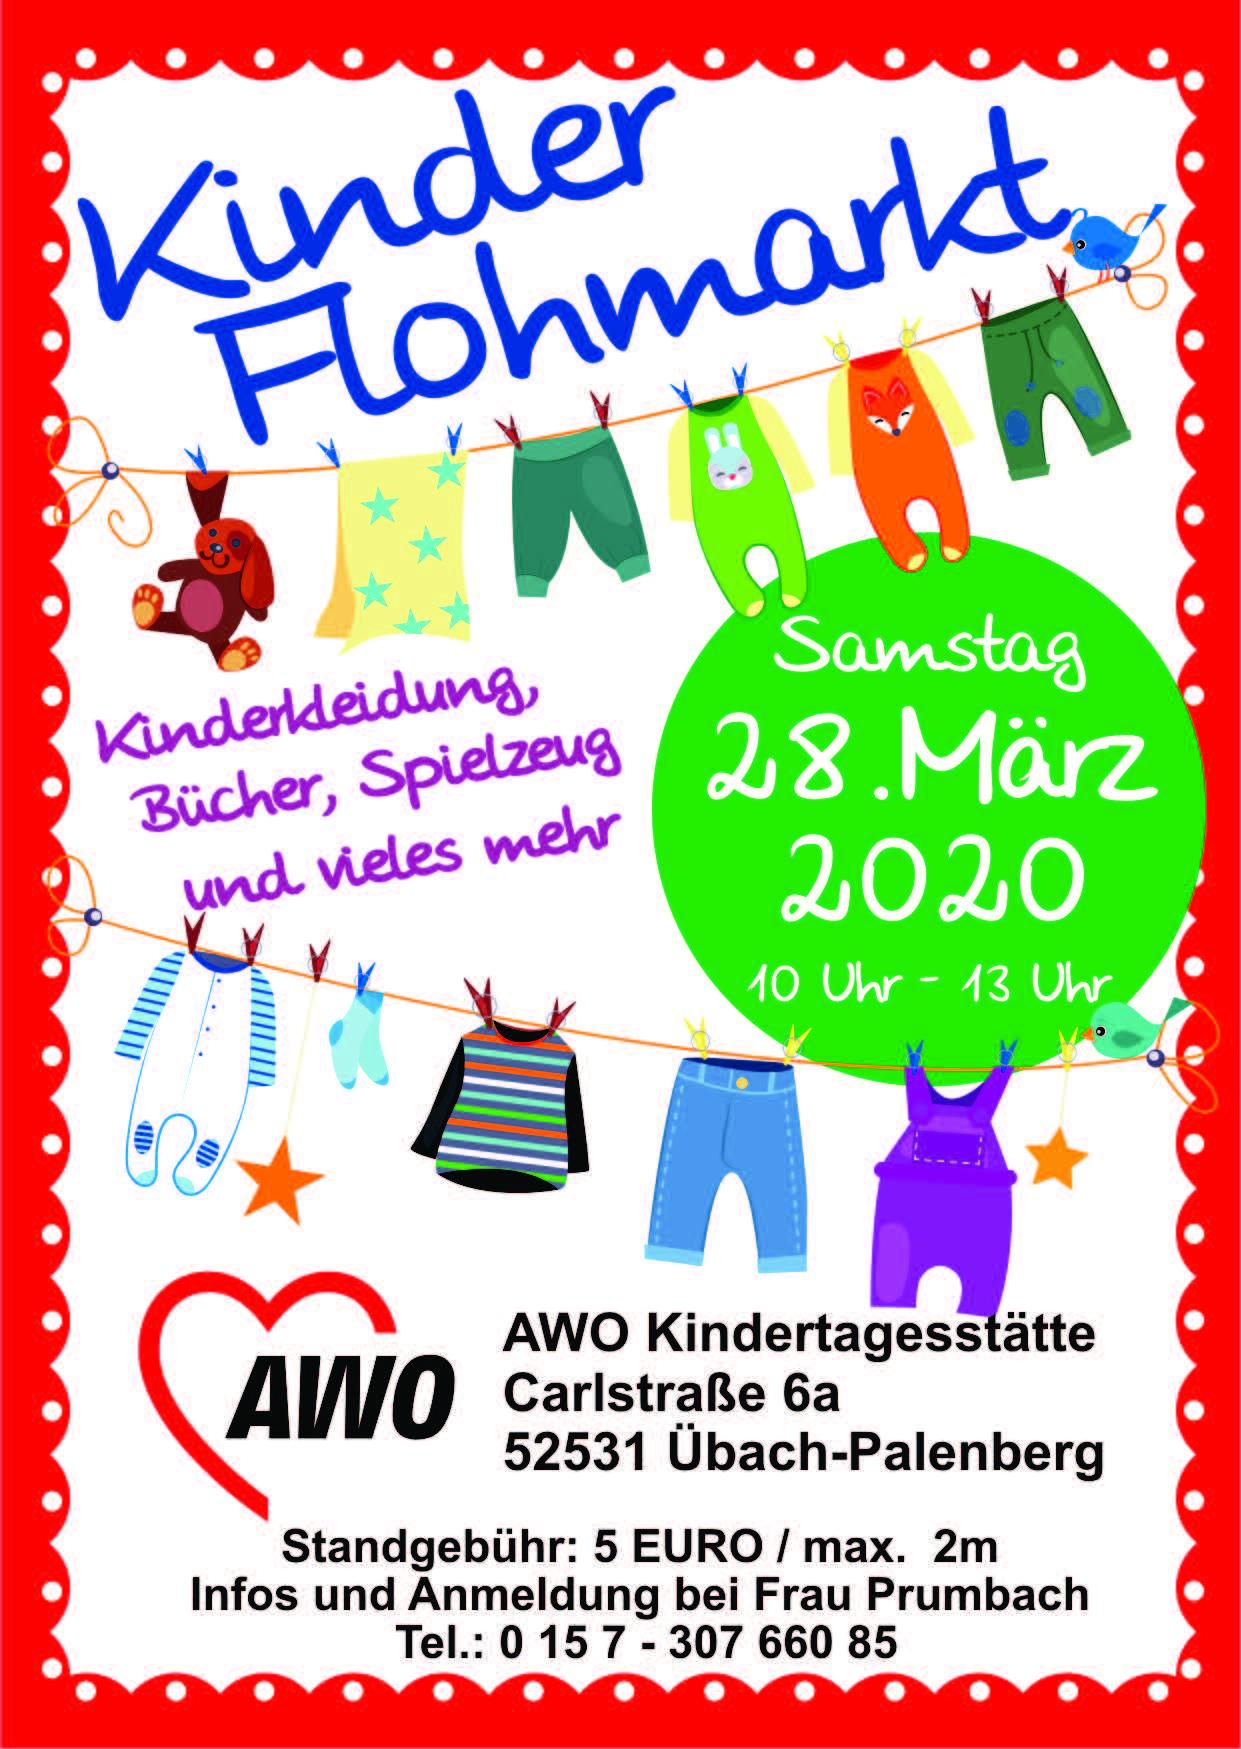 Kinderflohmarkt  in der AWO Kita Übach-Palenberg Mitte (Carlstraße) wird abgesagt 1